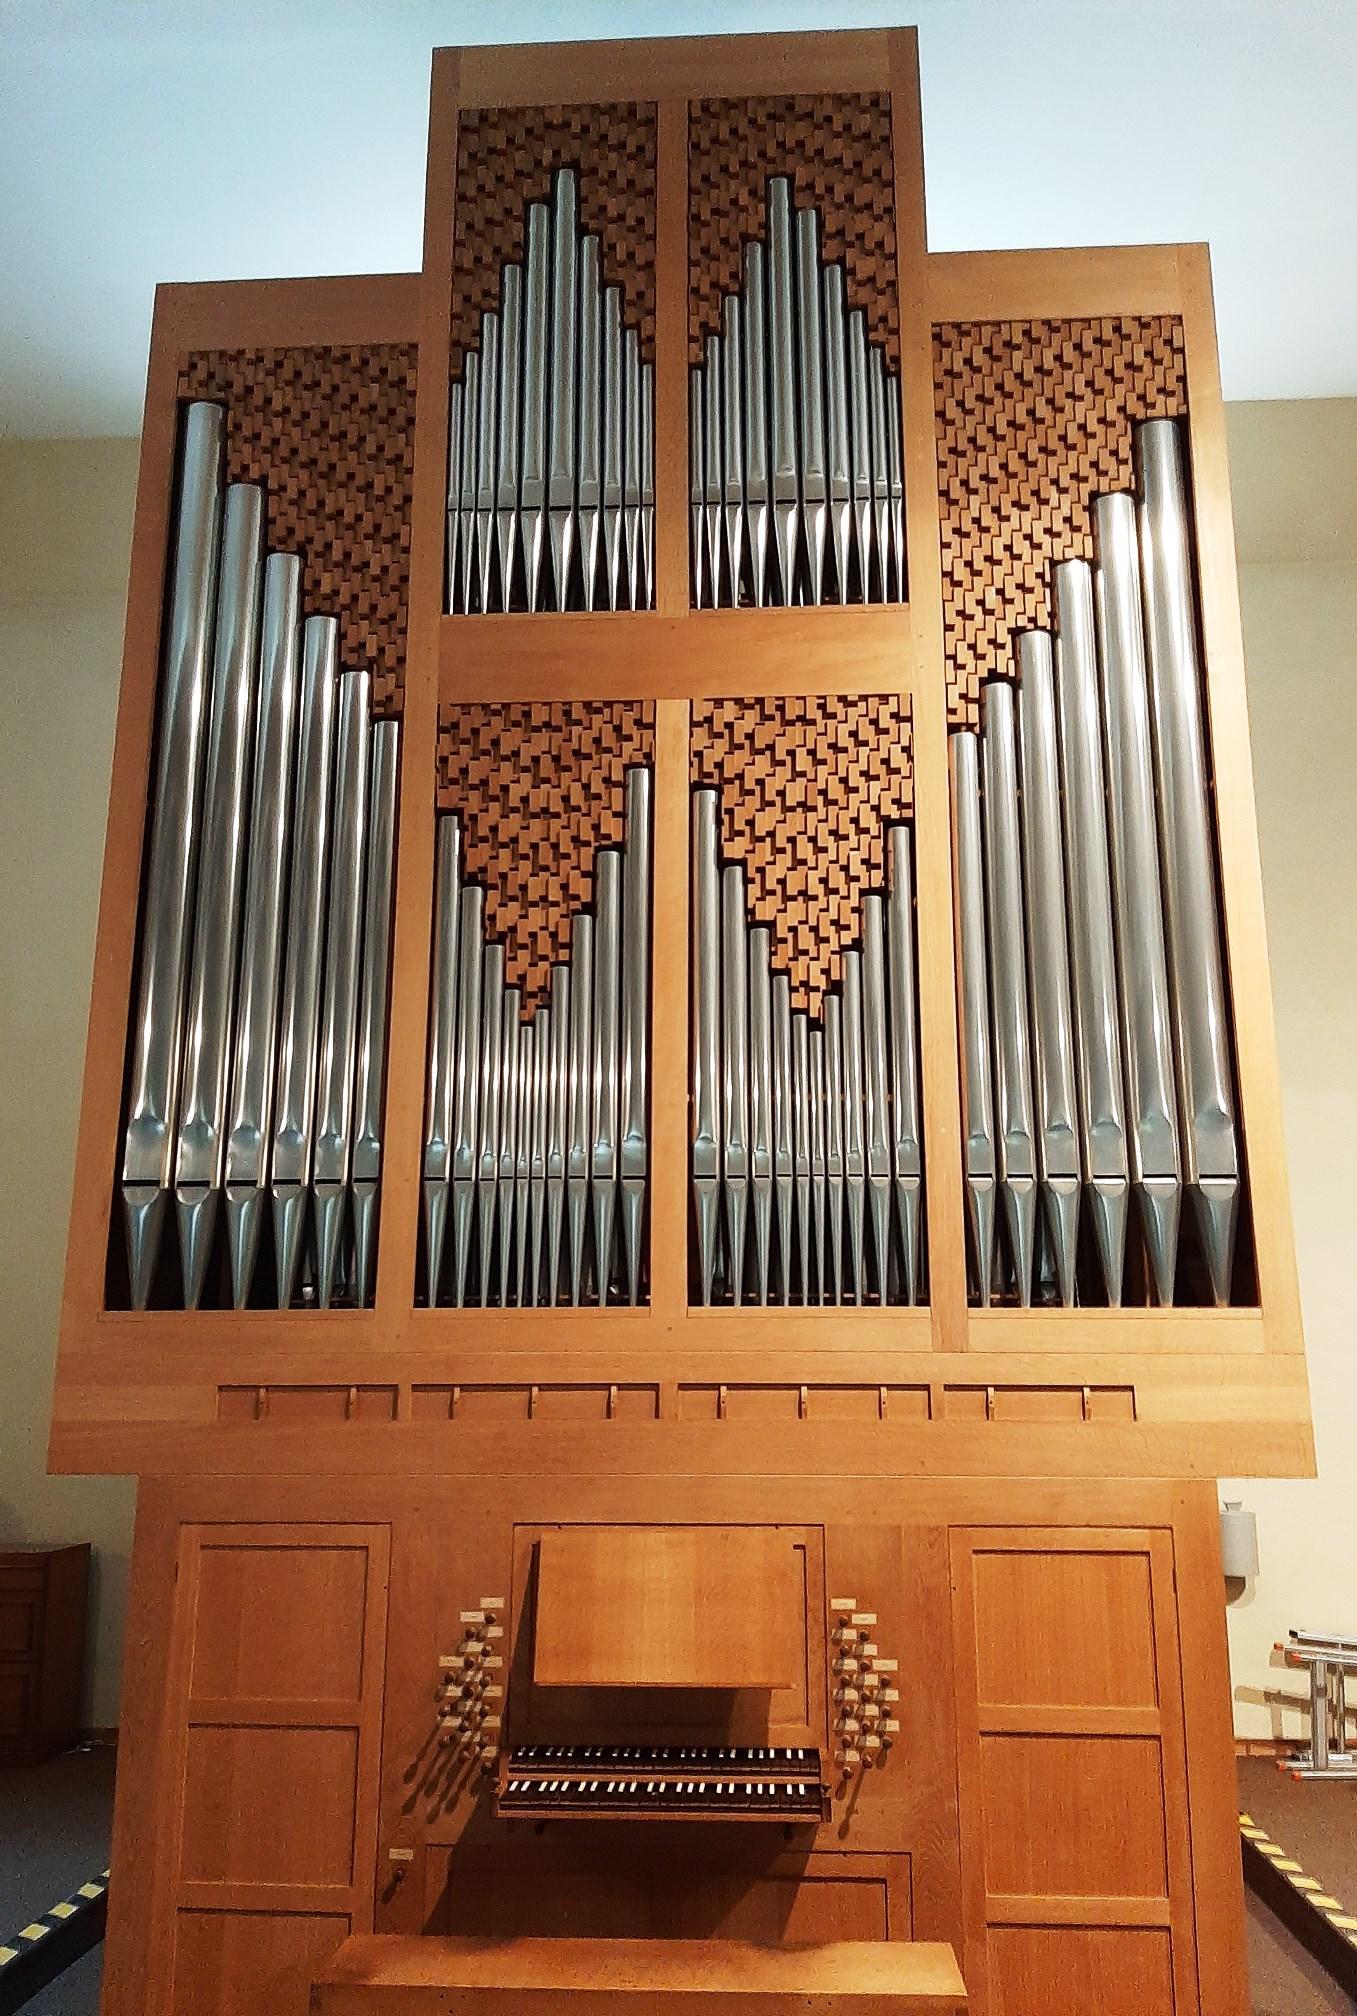 Collon-Orgel 1